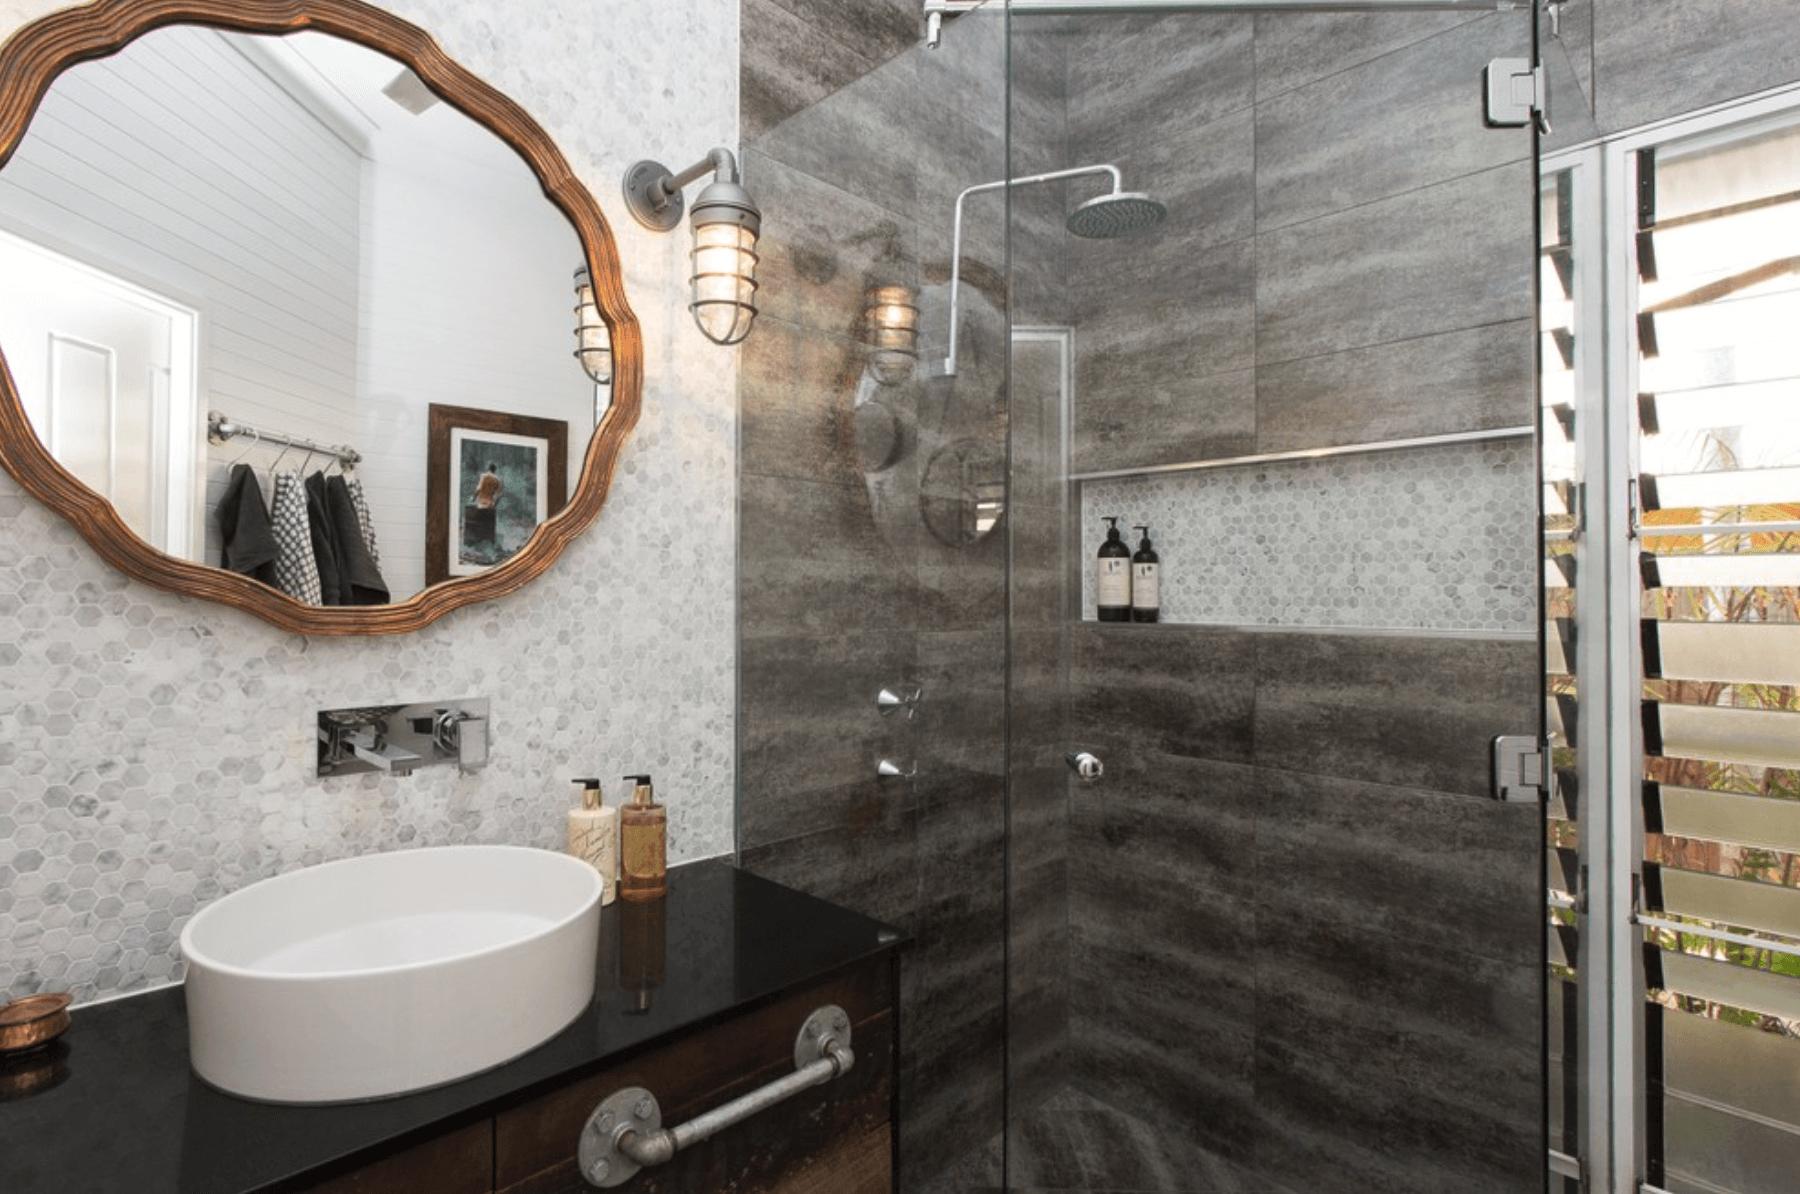 Banheiros Pequenos Fotos e Dicas Imperdíveis Arquidicas #985F33 1800x1194 Banheiro Com Banheira Dimensões